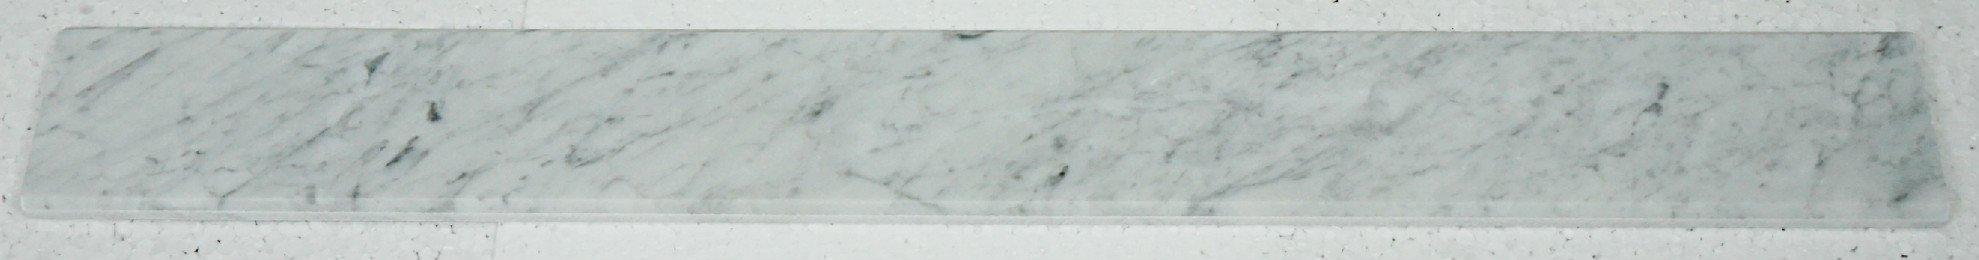 Italian Bianco Carrara Polished Marble Saddles by MarbleTileDirect (Image #3)